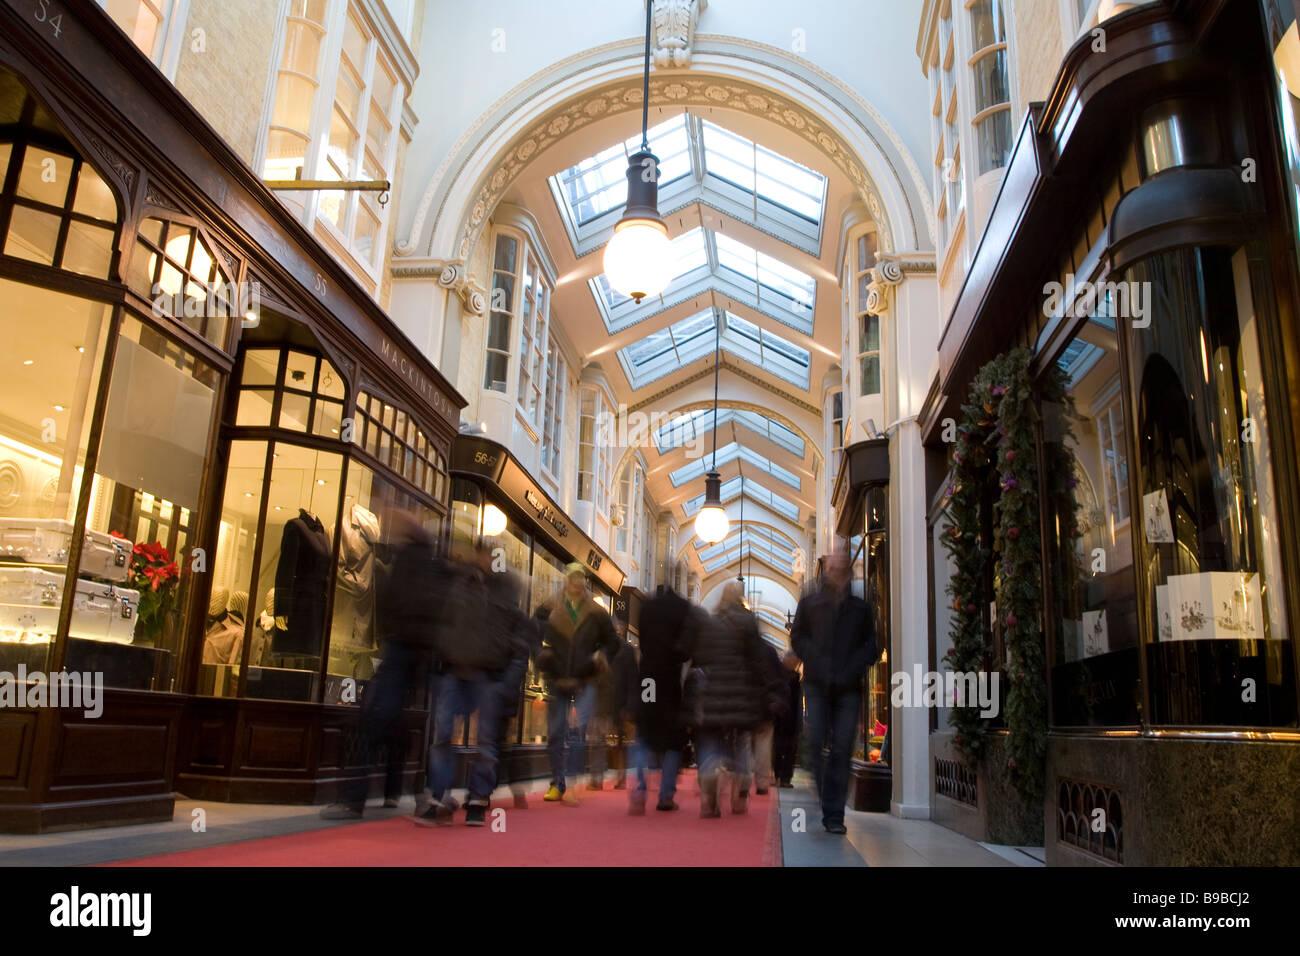 Burlington Arcade, Piccadilly, London, England UK - Stock Image